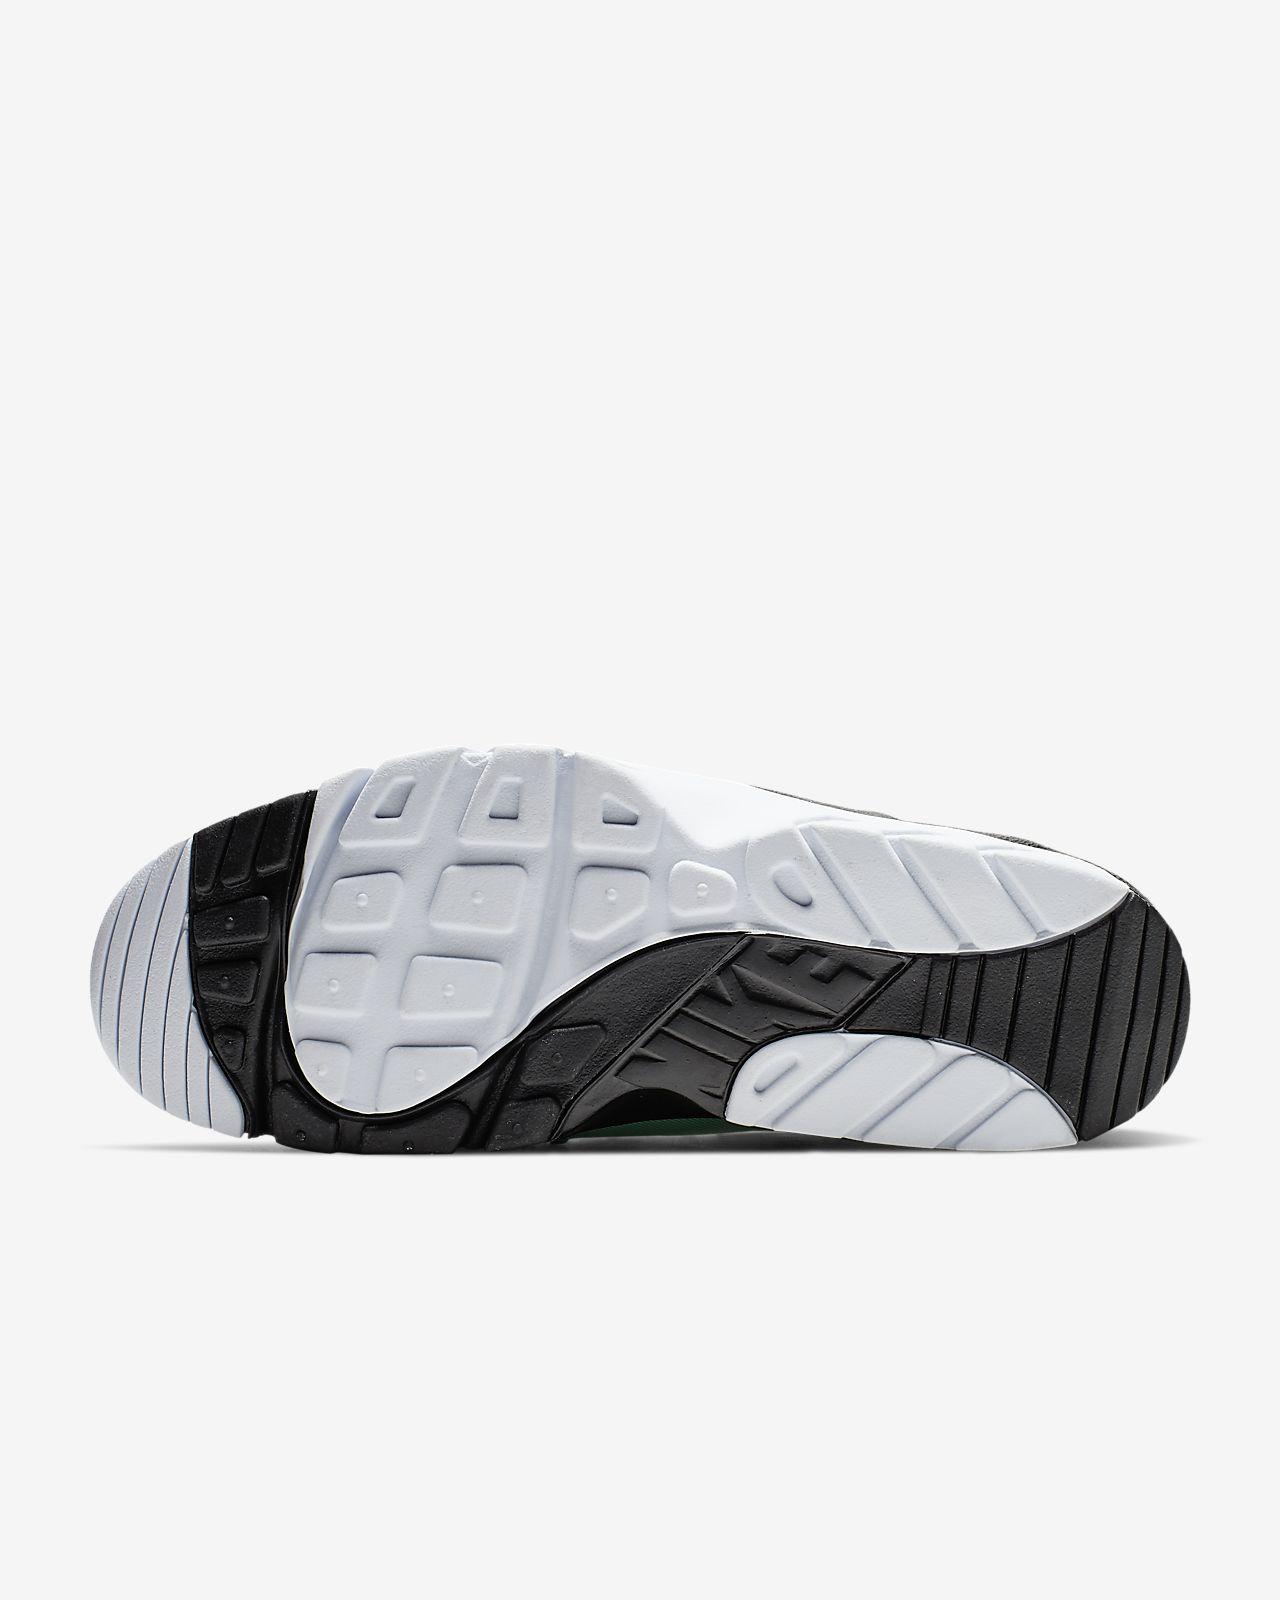 b74148cf1900 Low Resolution Nike Air Trainer Huarache Men s Shoe Nike Air Trainer  Huarache Men s Shoe